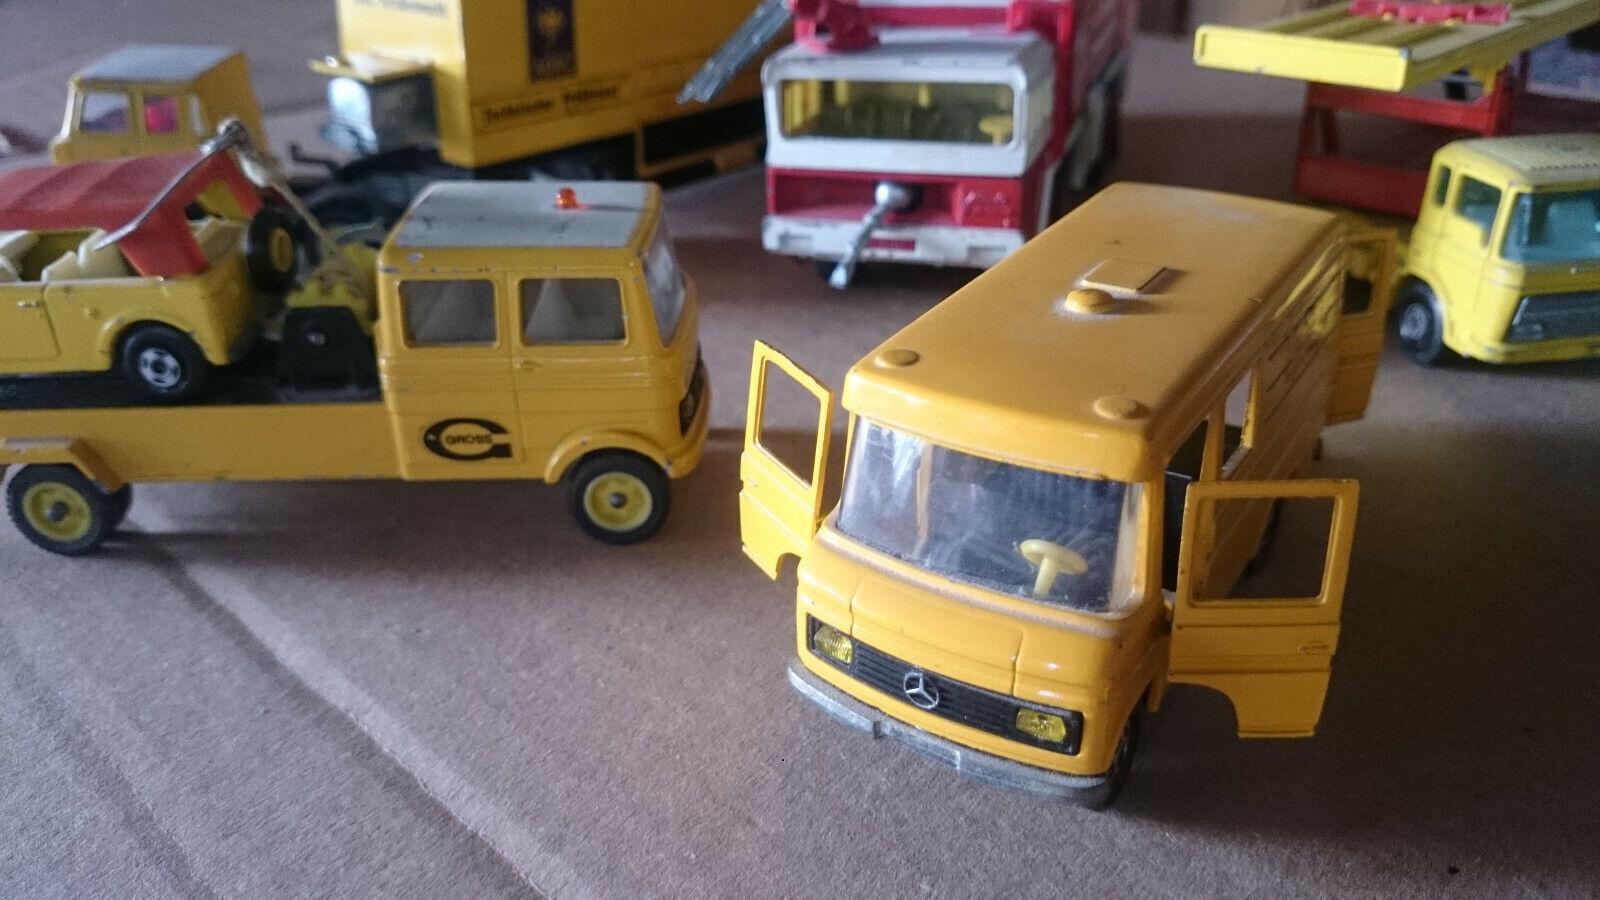 Modell Auto,Spielzeug,Selten Sammeln 6 Mal